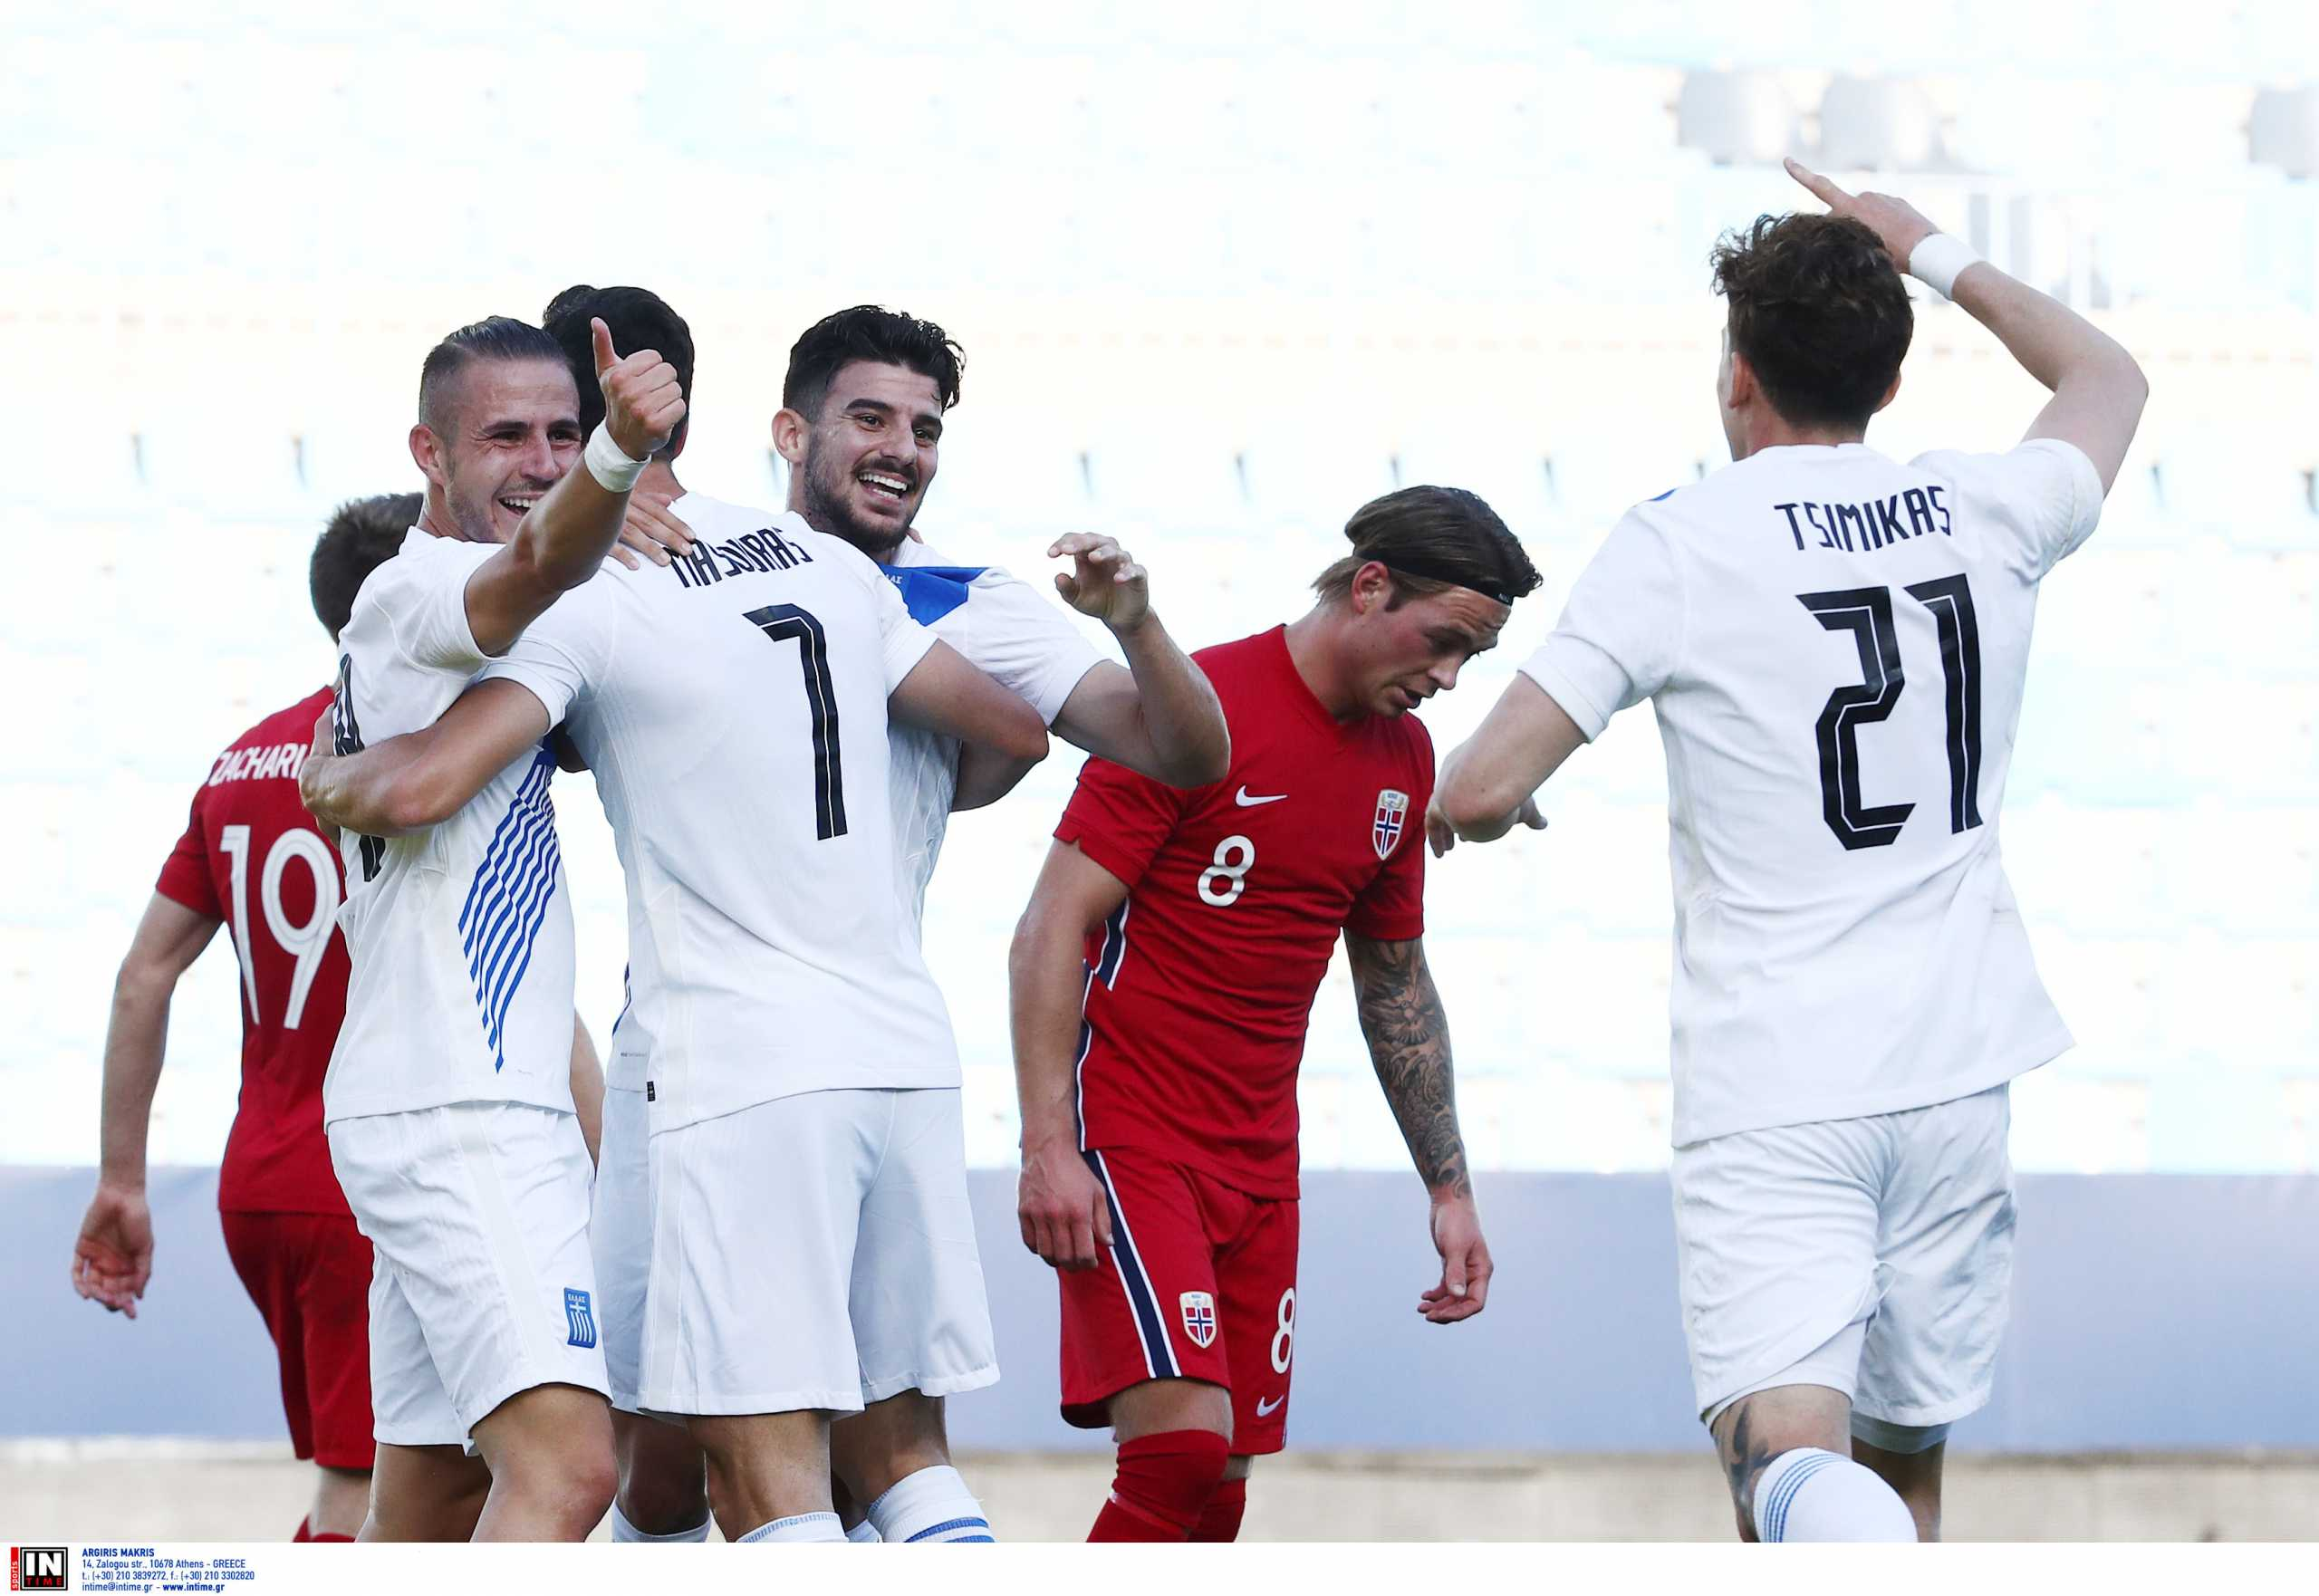 Νορβηγία – Ελλάδα: Εξαιρετικό φινάλε στη σεζόν για την Εθνική